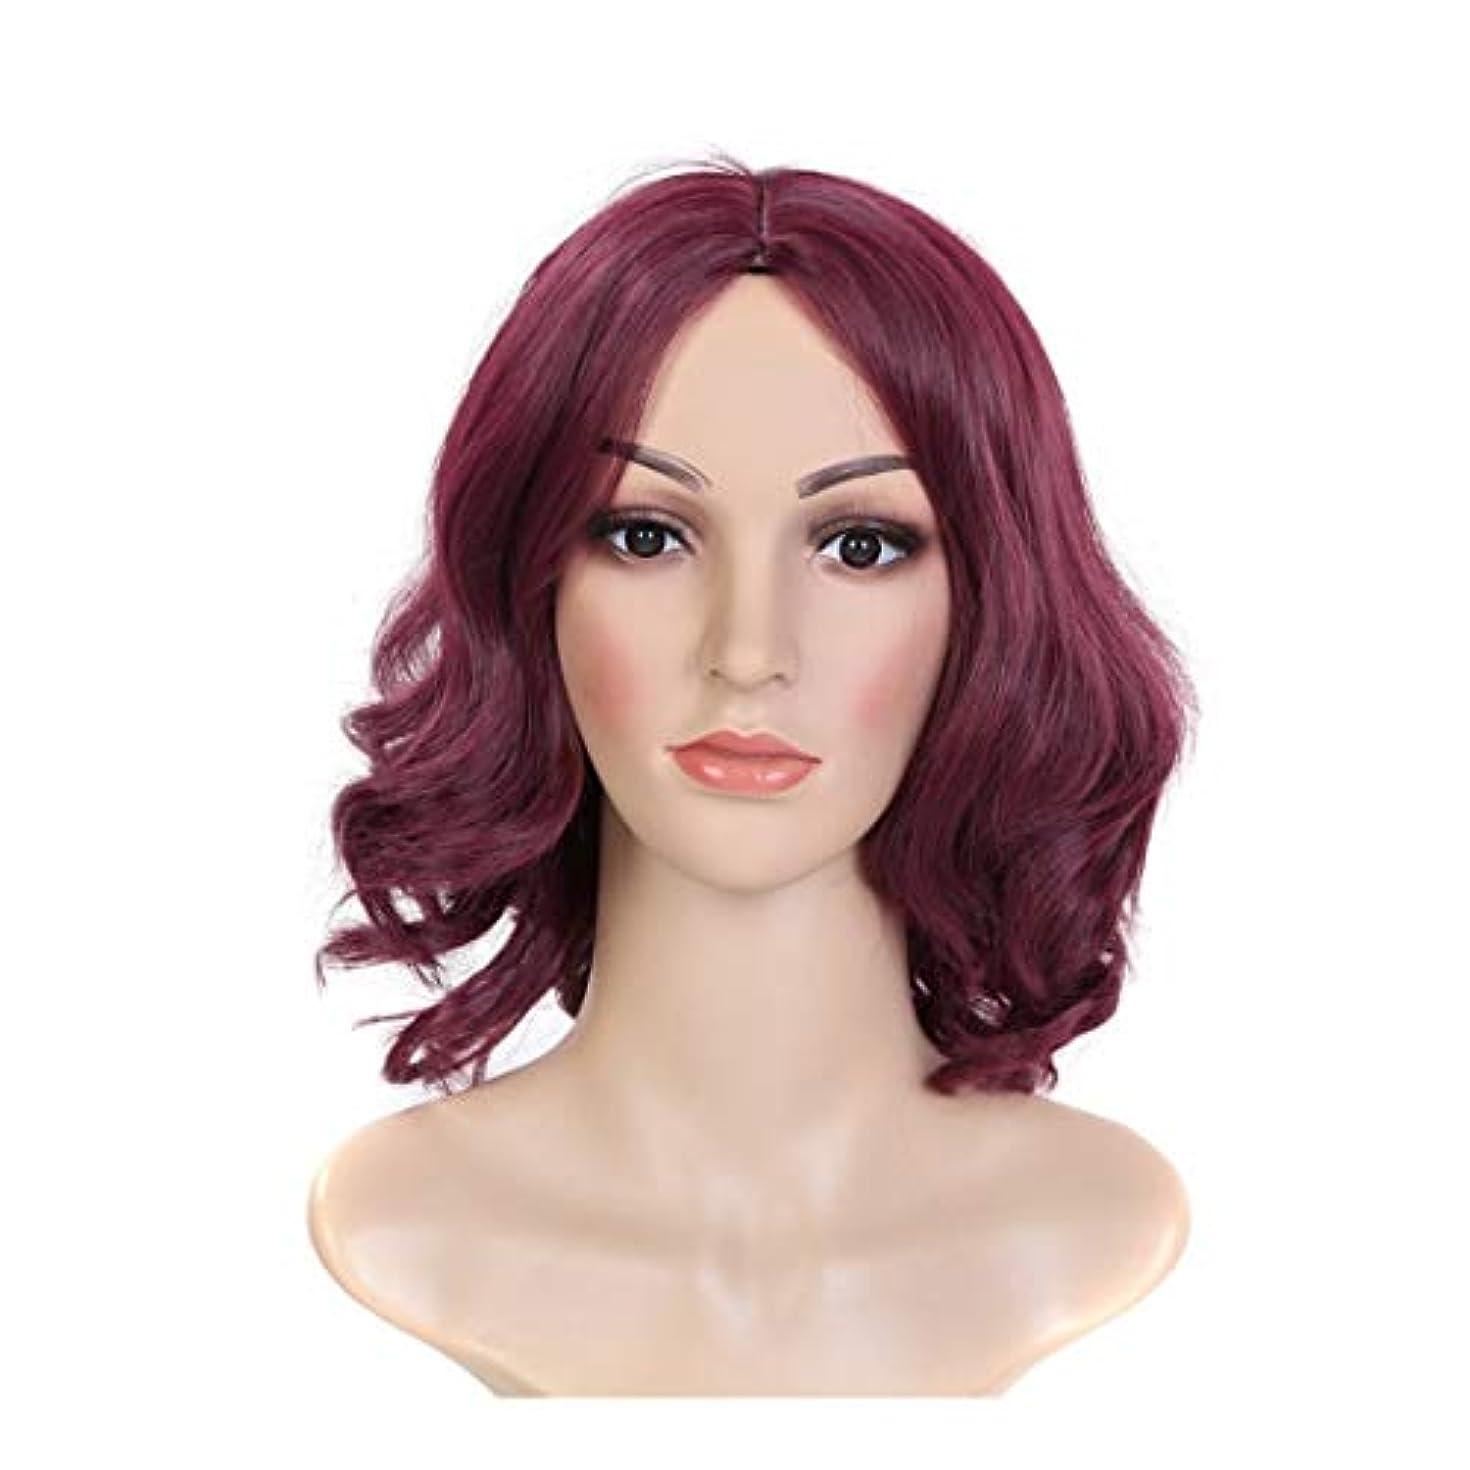 マウス感性プライムYOUQIU 女性のかつらのためのワインレッド気質スプリットかつらヘッドギア剃った顔短い巻き毛のかつら (色 : Red wine)